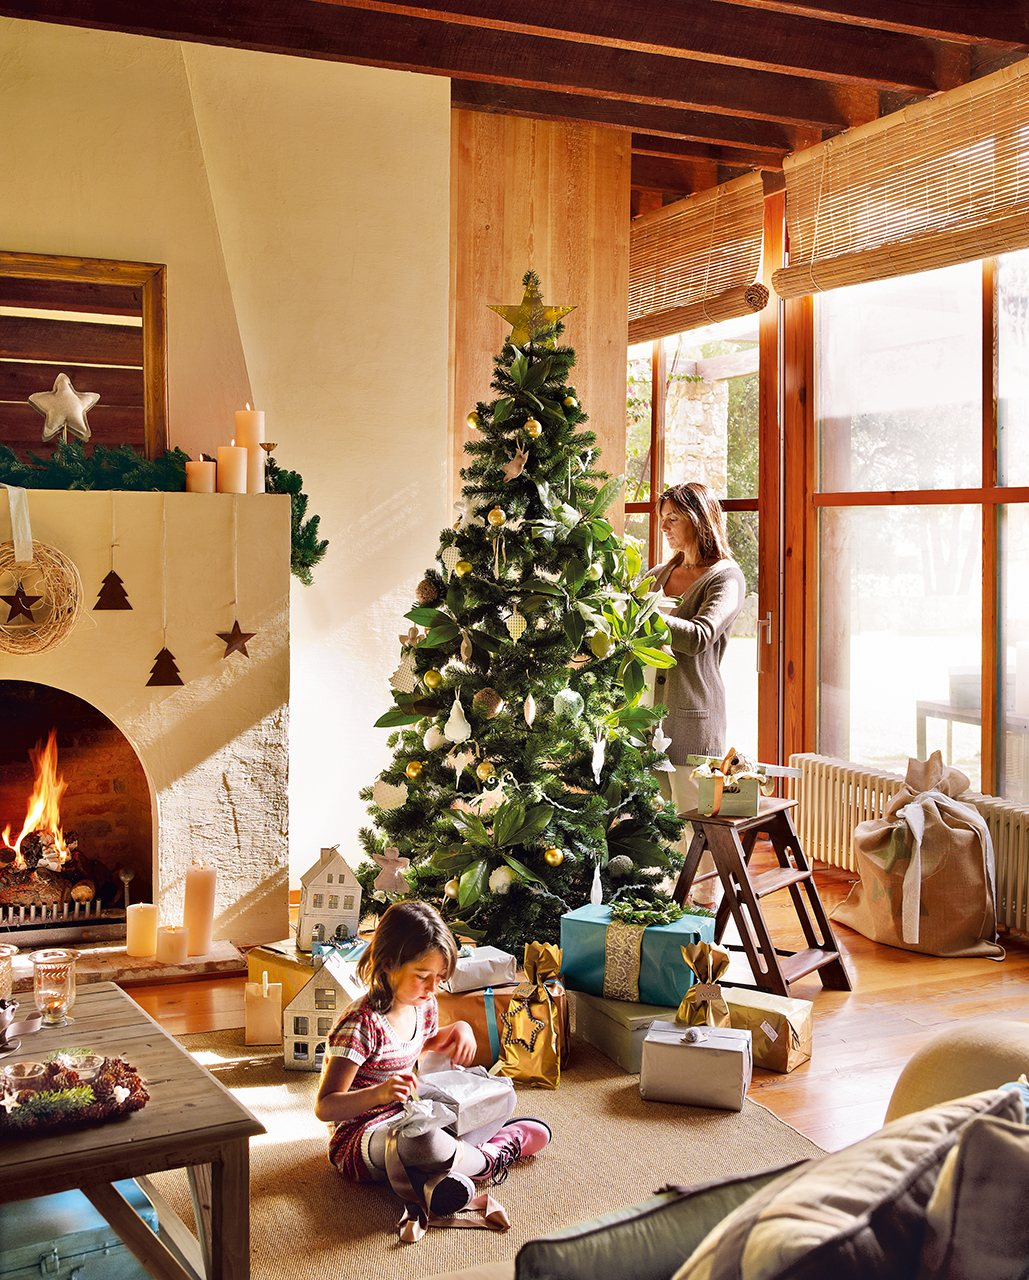 mujer decorando el abeto y nia envolviendo regalos saln rstico con rbol de navidad y